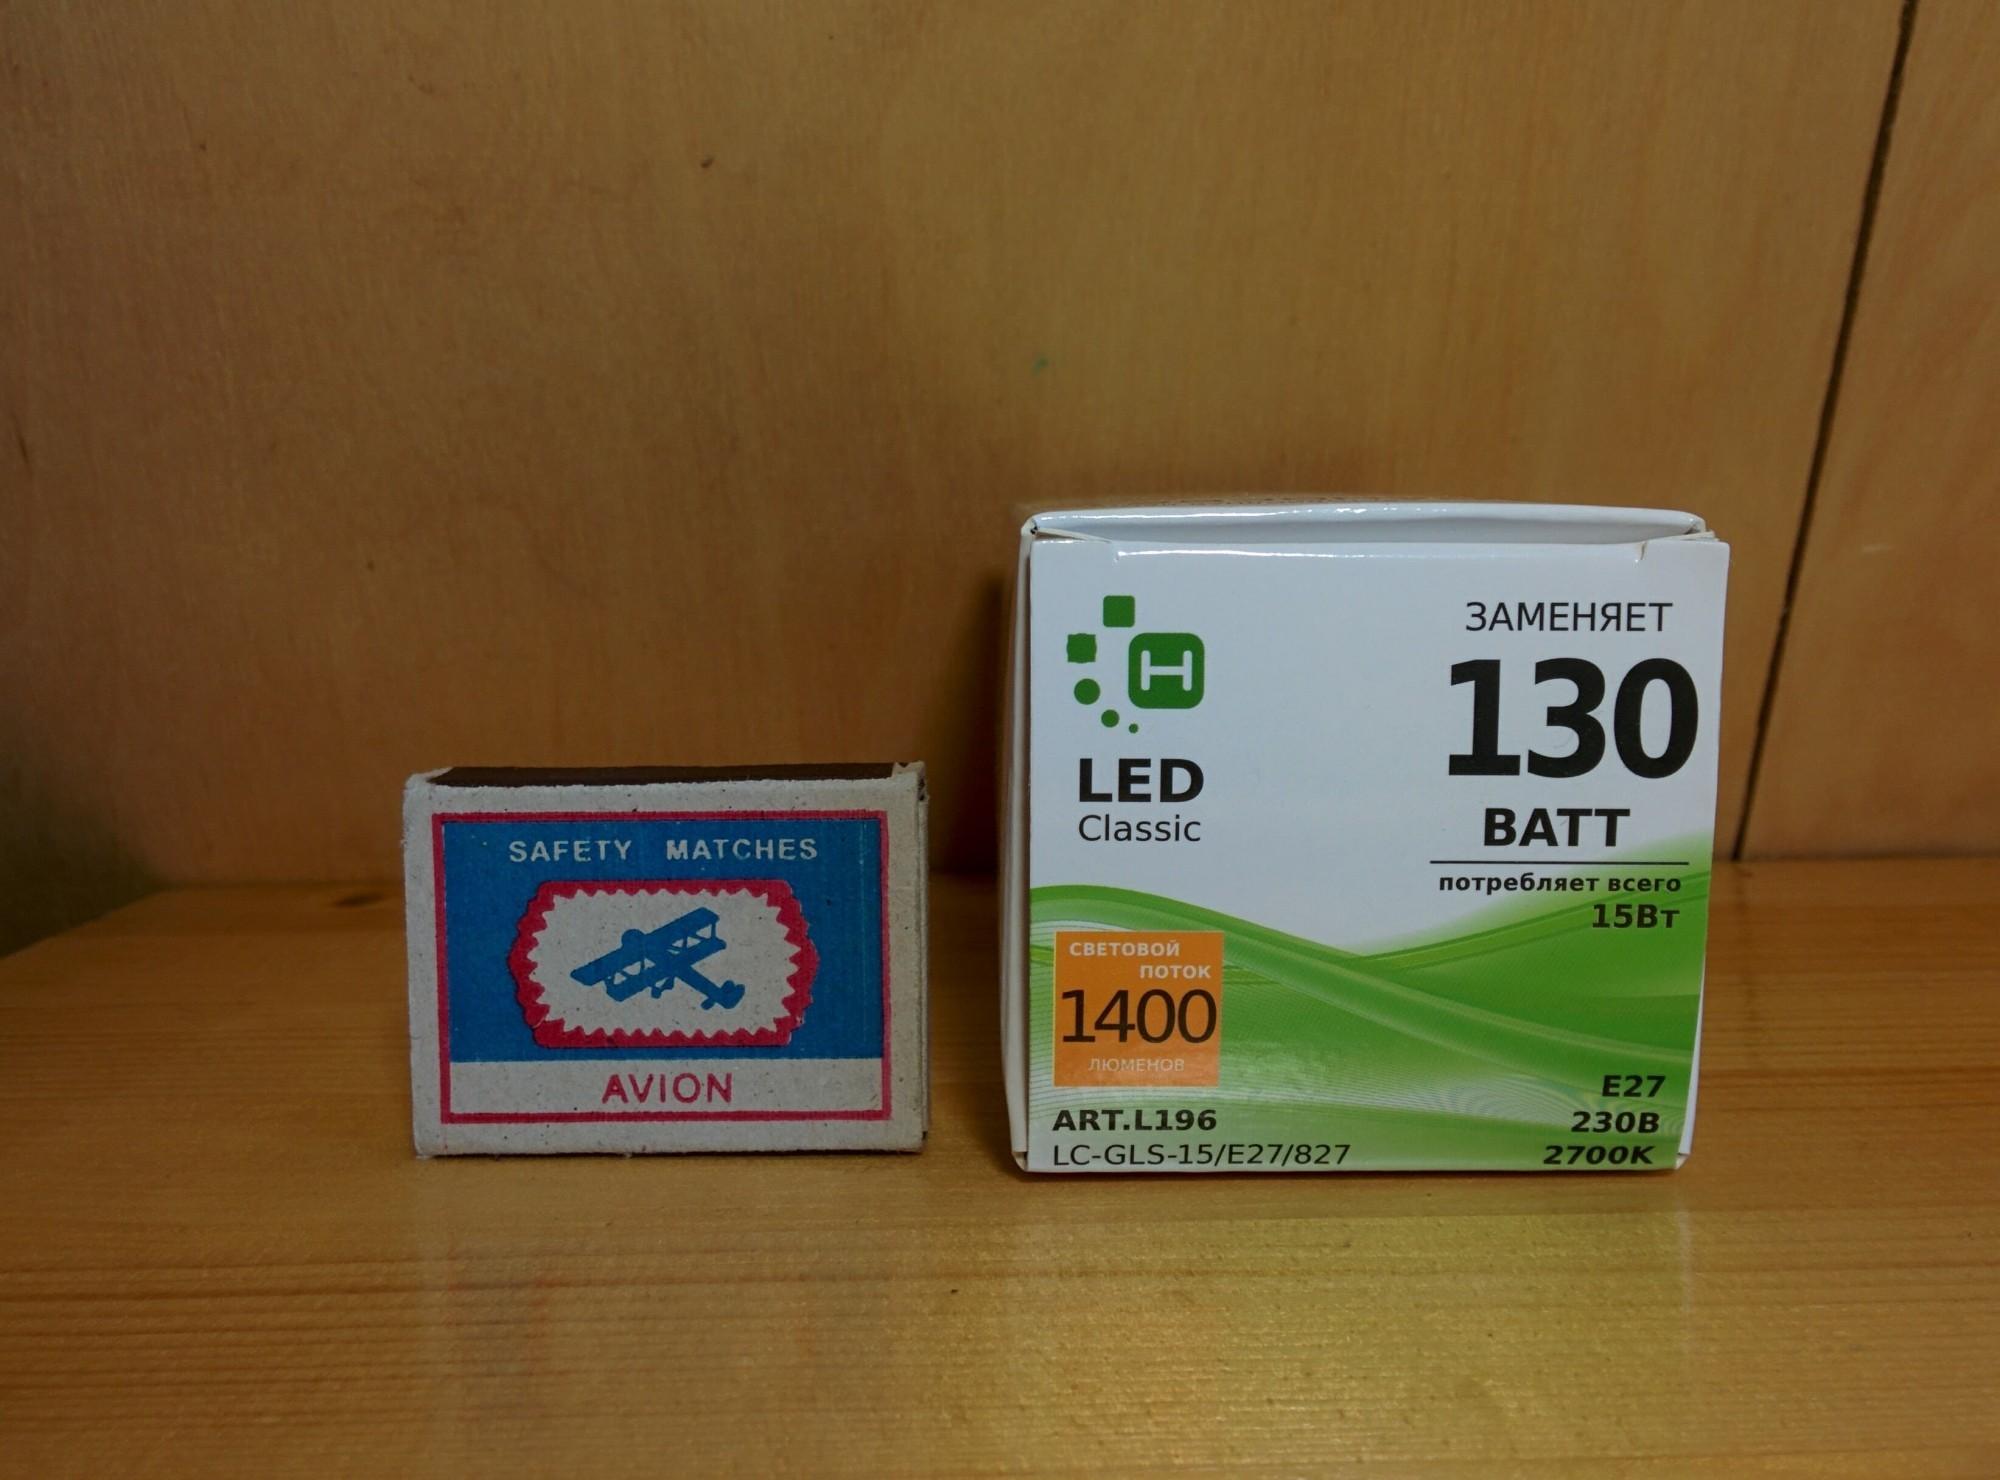 Светодиодная лампа НАНОСВЕТ LC-GLS-15/E27/827 арт. L196 характеристики